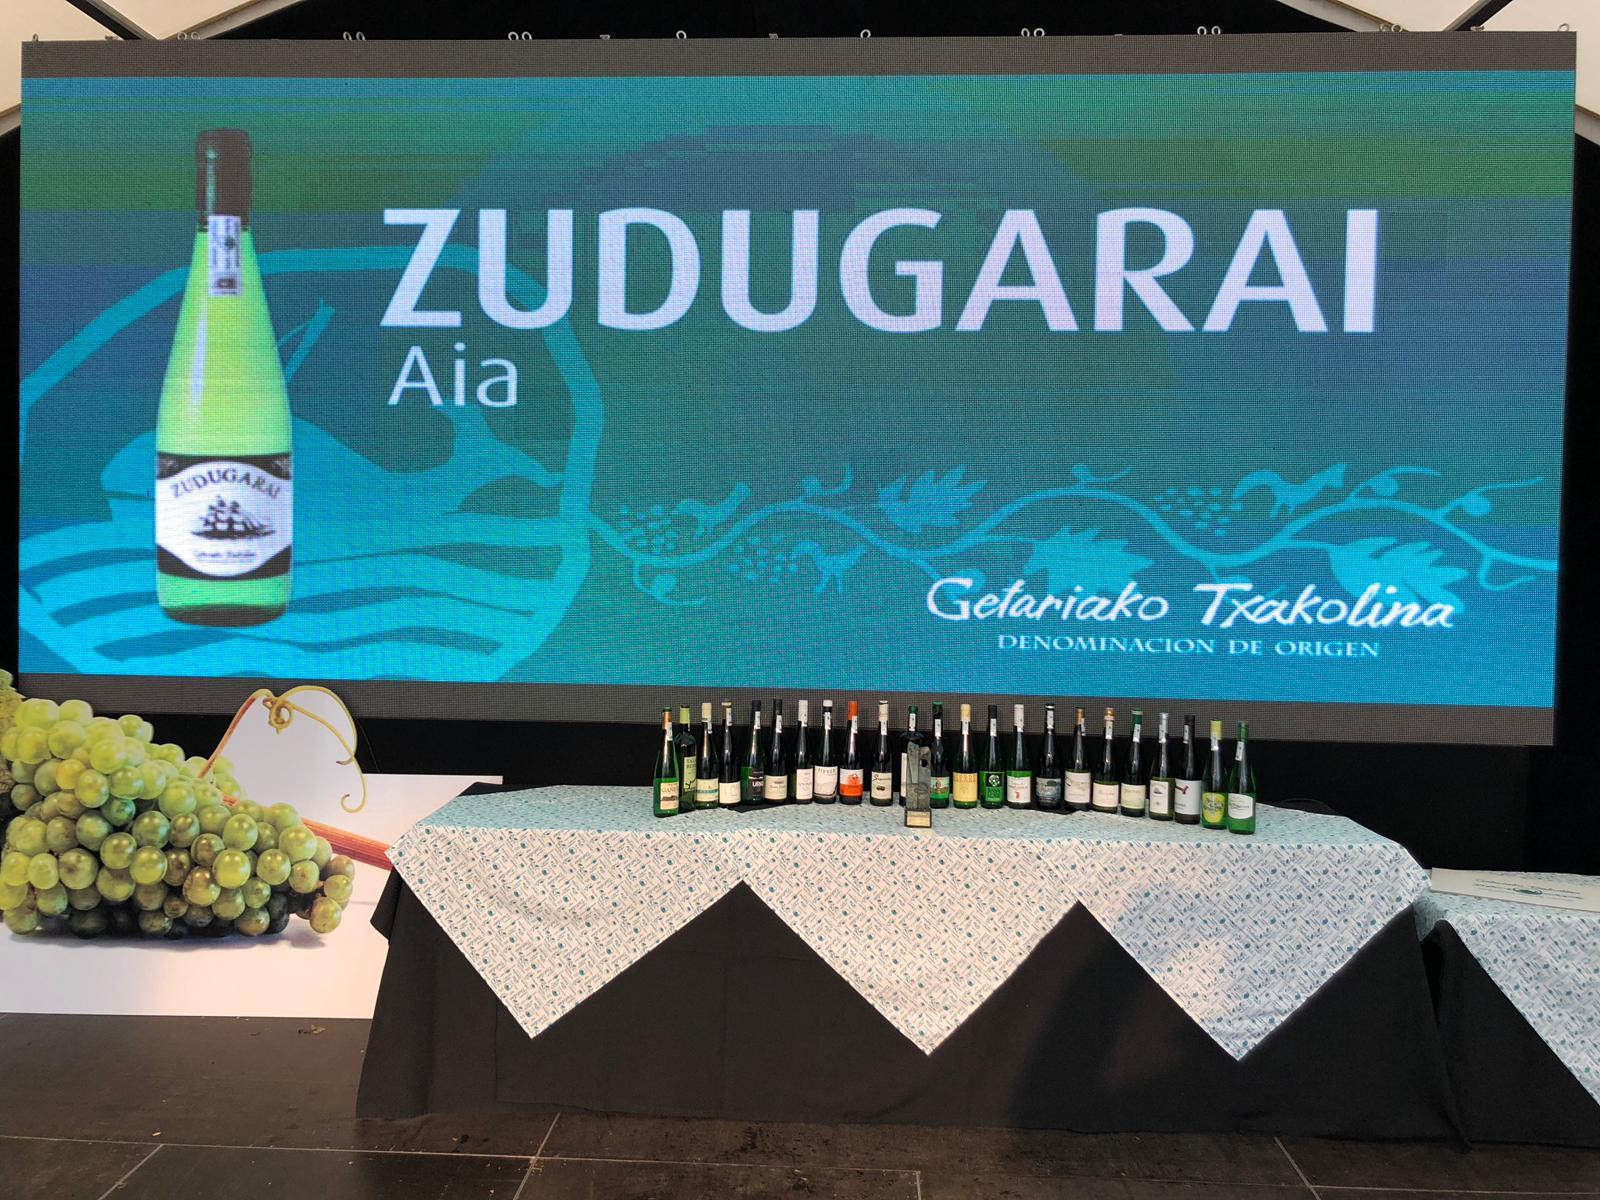 Cosecha Zudugarai 2018 Getariako Txakolina